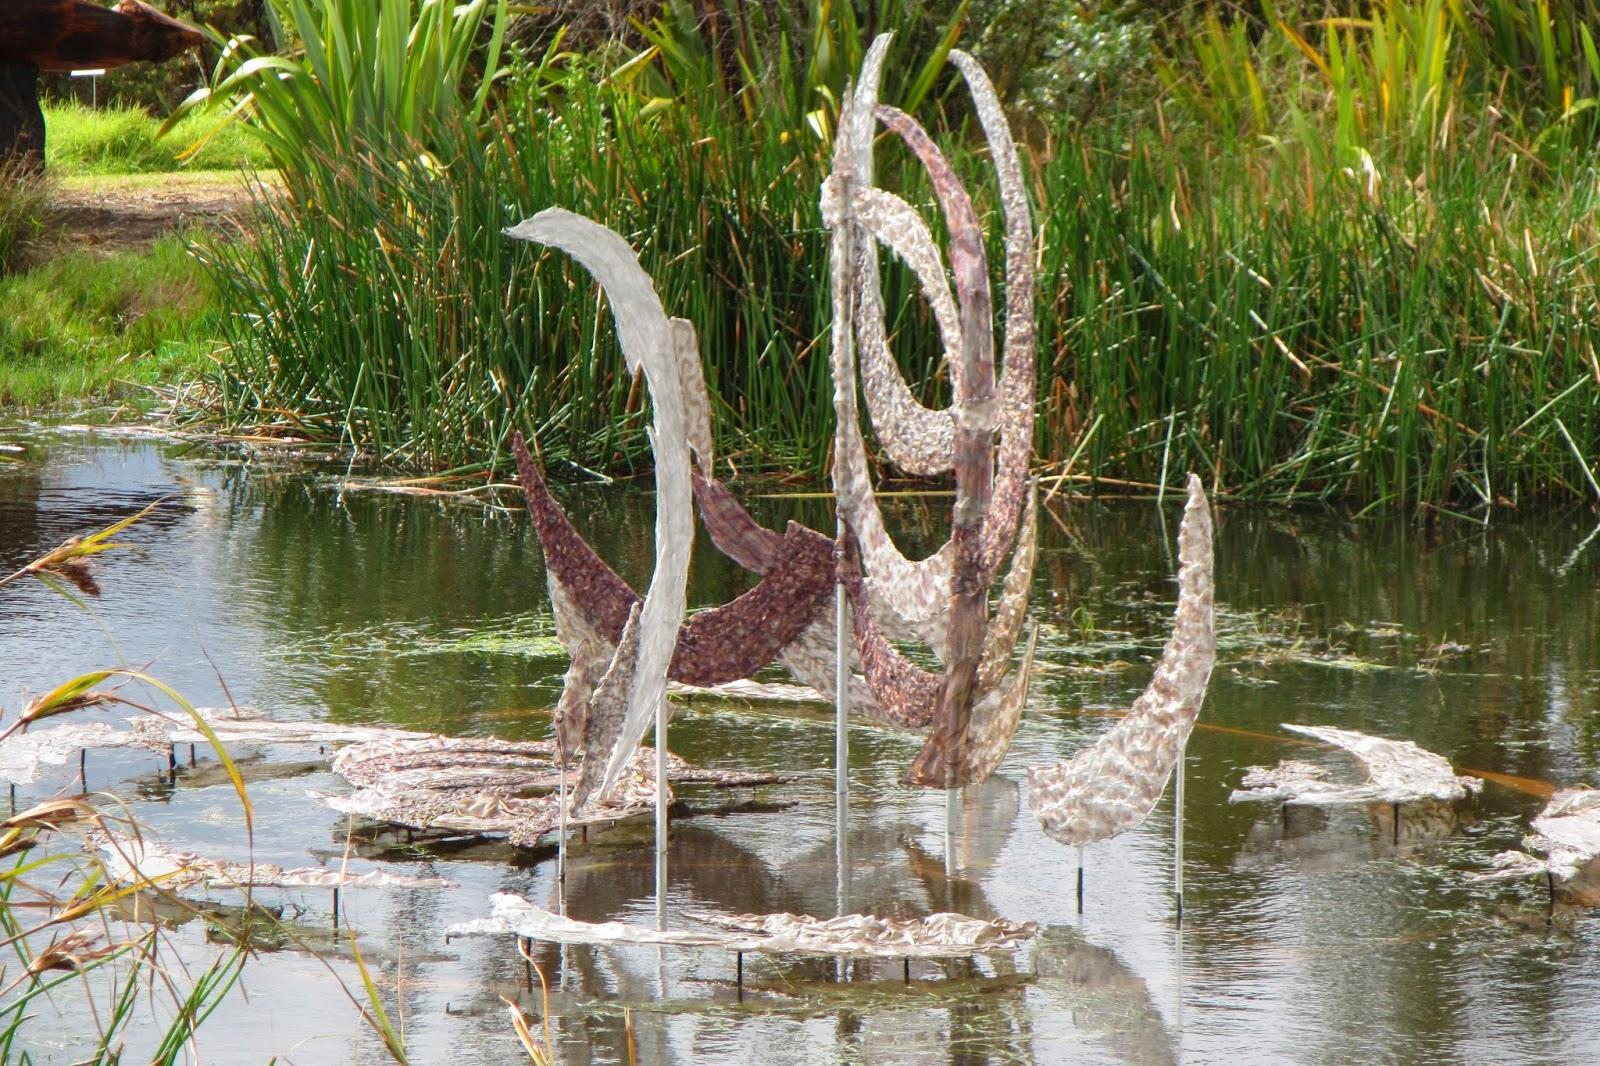 Light Dancing fabric sculpture by Alysn Midgelow-Marsden